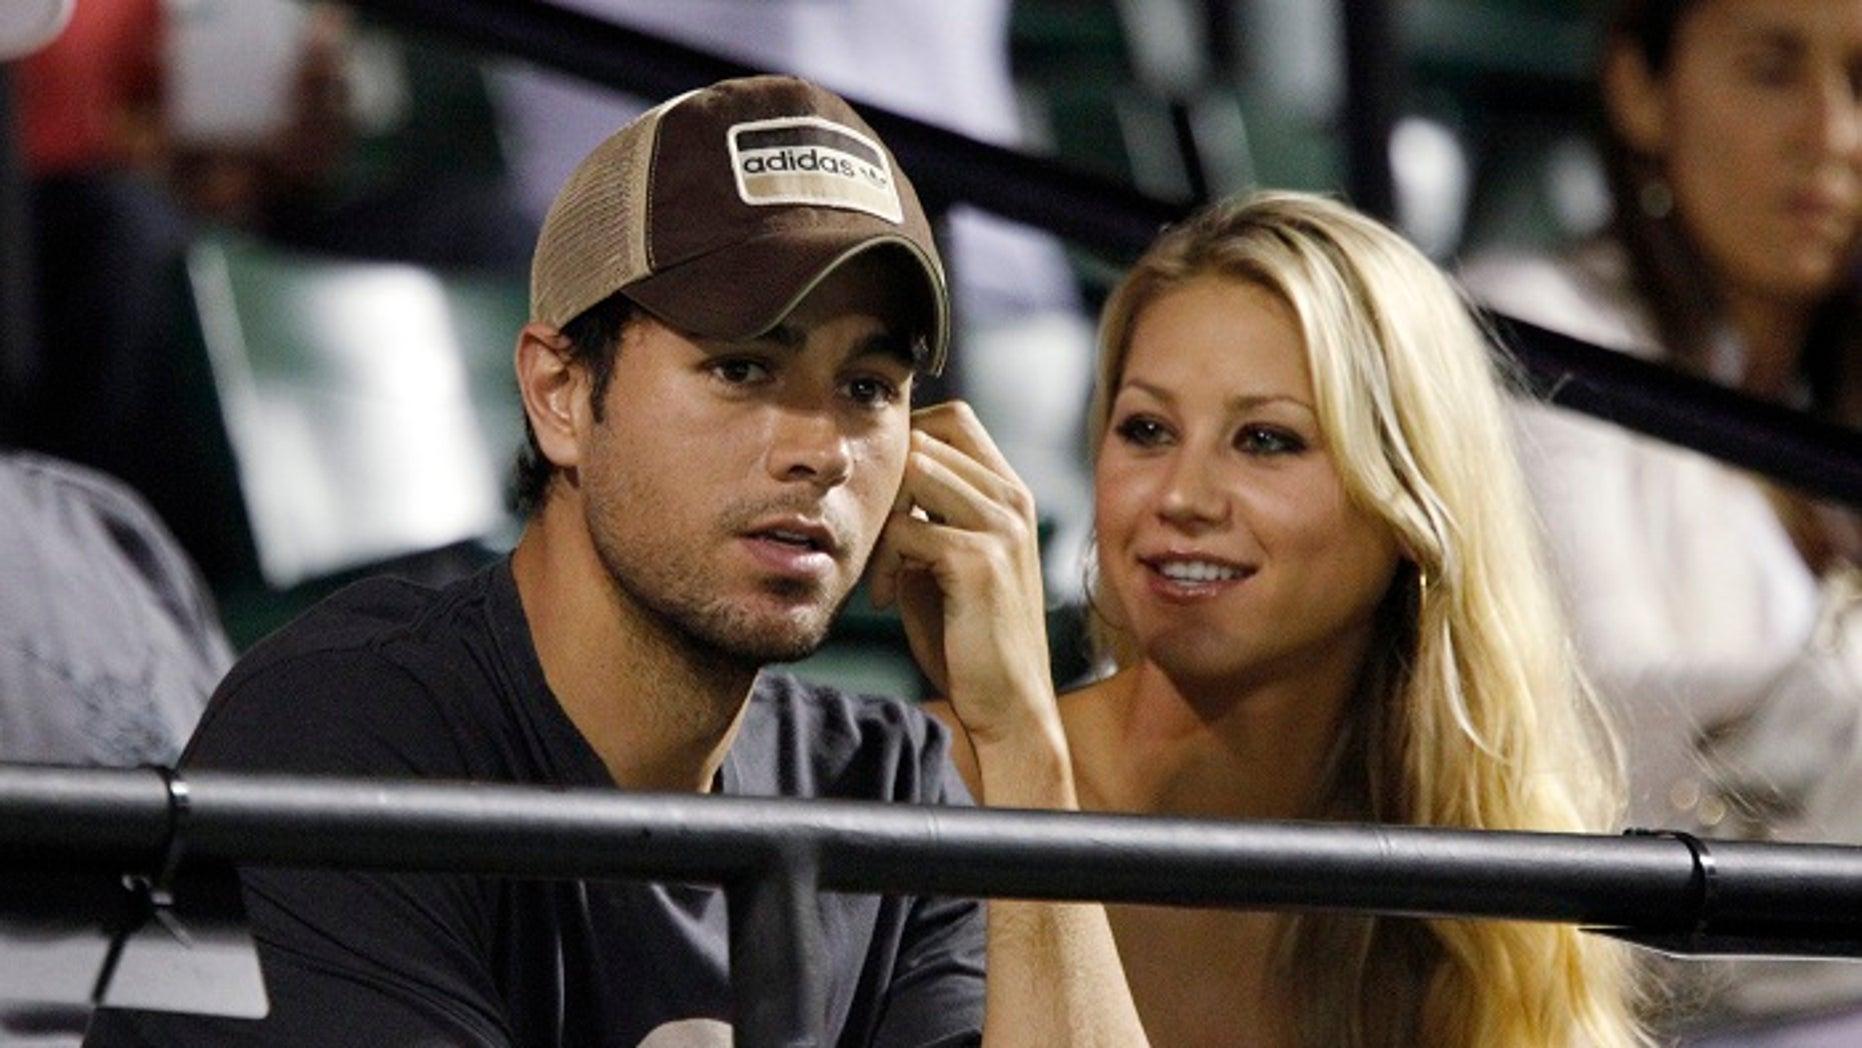 A source said Enrique Iglesias and Anna Kournikova kept their pregnancy very secret.